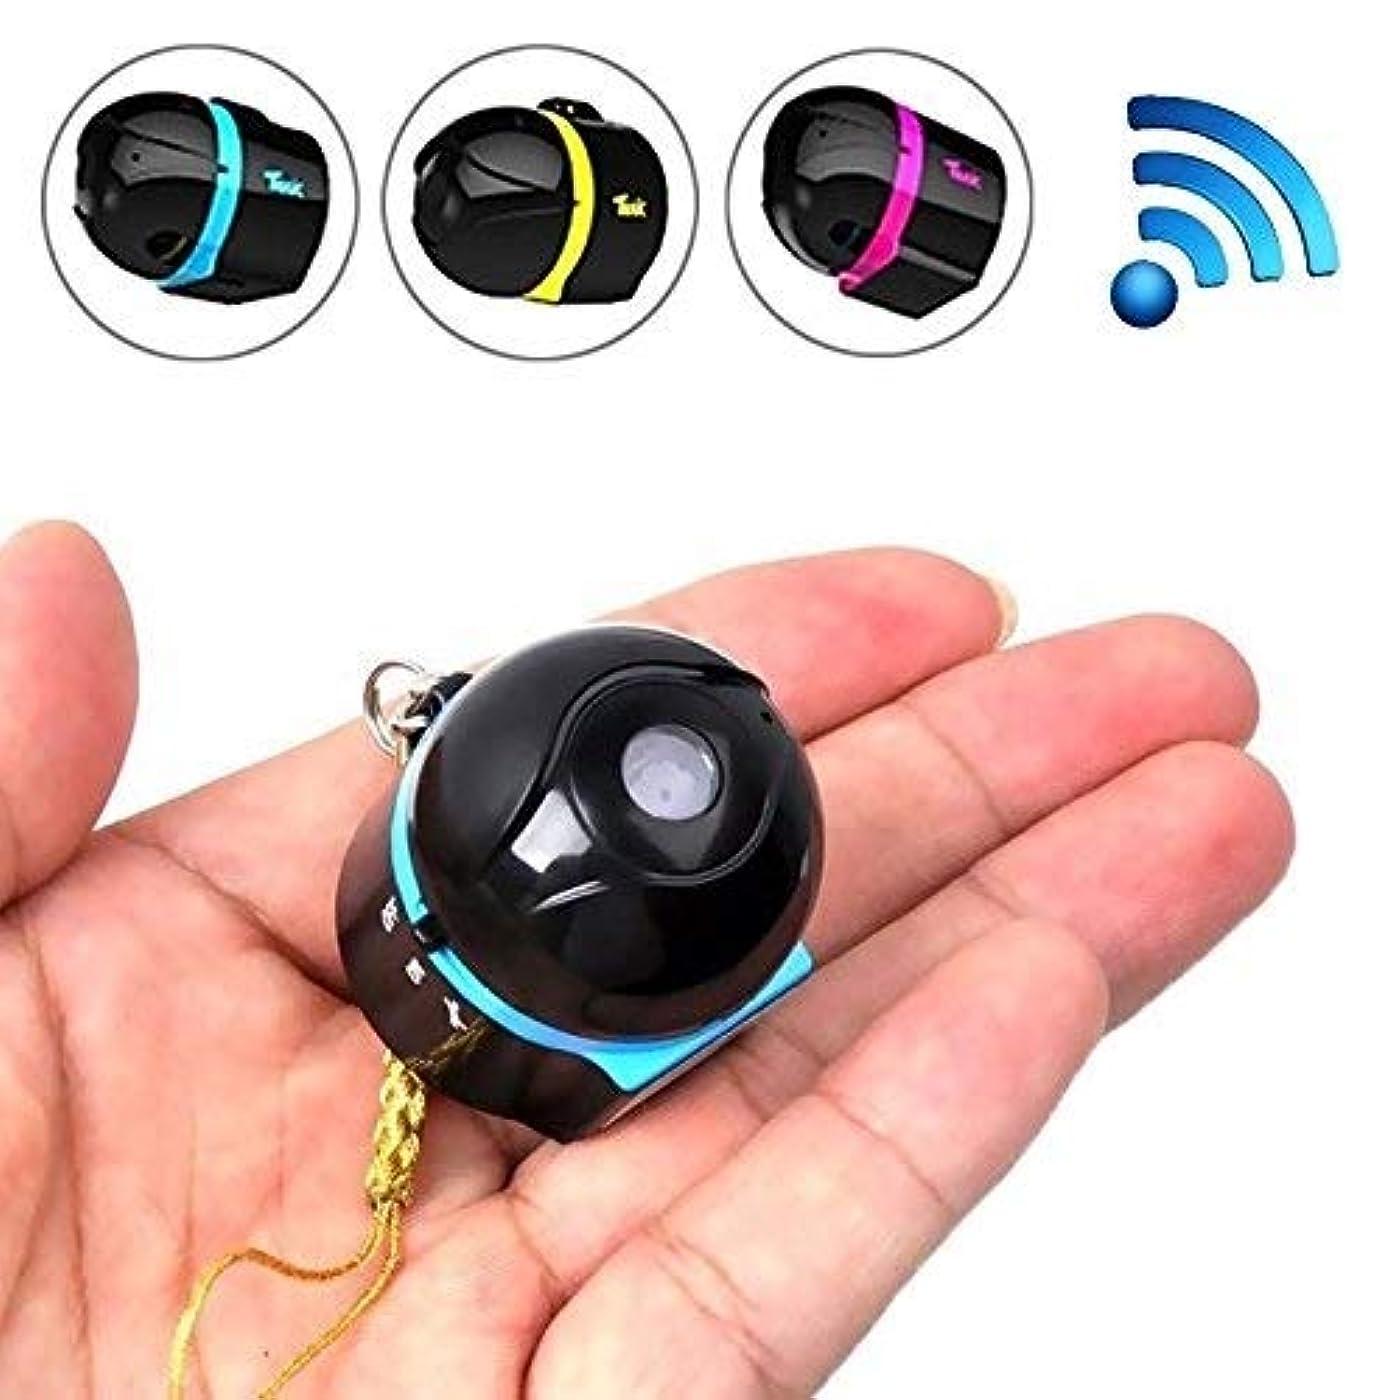 LT 洲州監視カメラHD監視監視カメラAi-Ball Mini WifiサポートビデオレコーディングiOS/android/その他のWifiデバイス、ランダムカラー配信屋外監視カメラ